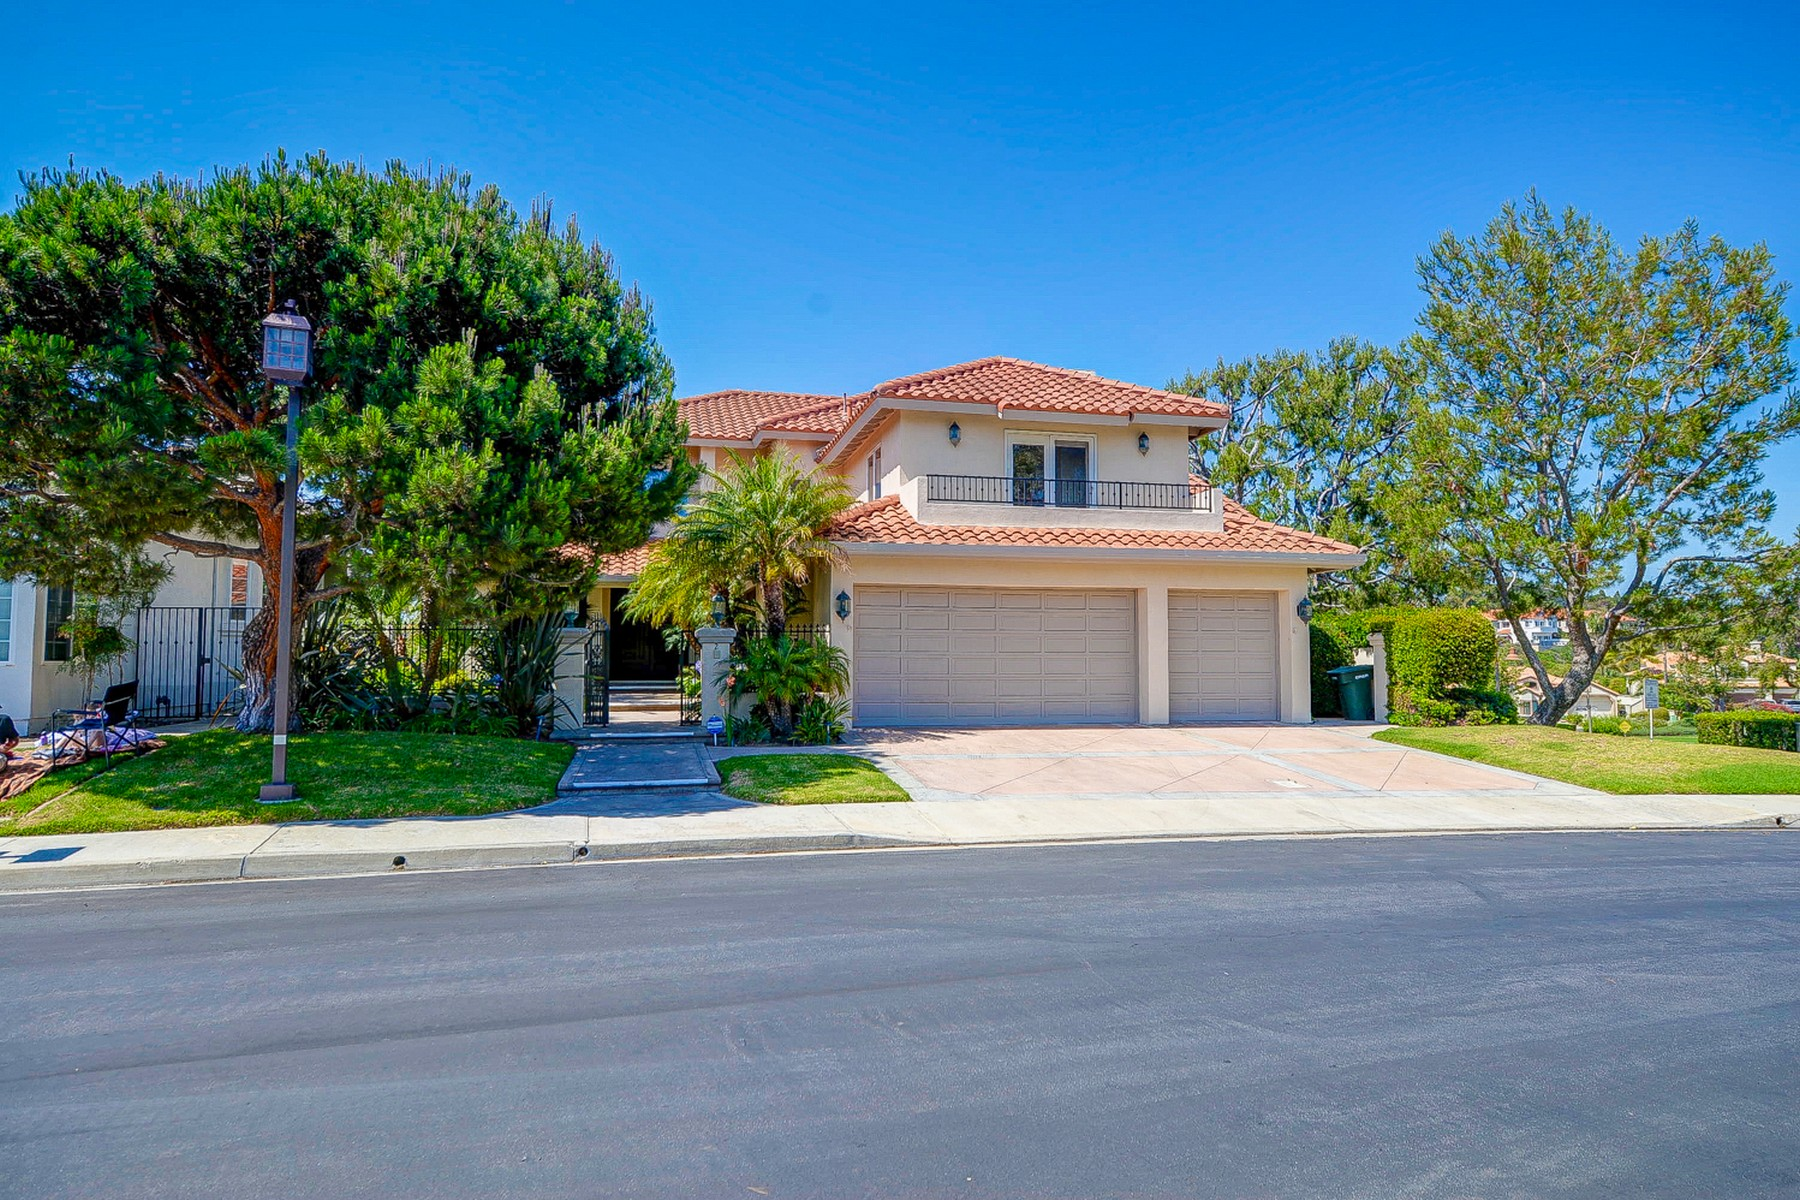 Casa Unifamiliar por un Venta en 2 Soto Grande Dr. Dana Point, California, 92629 Estados Unidos